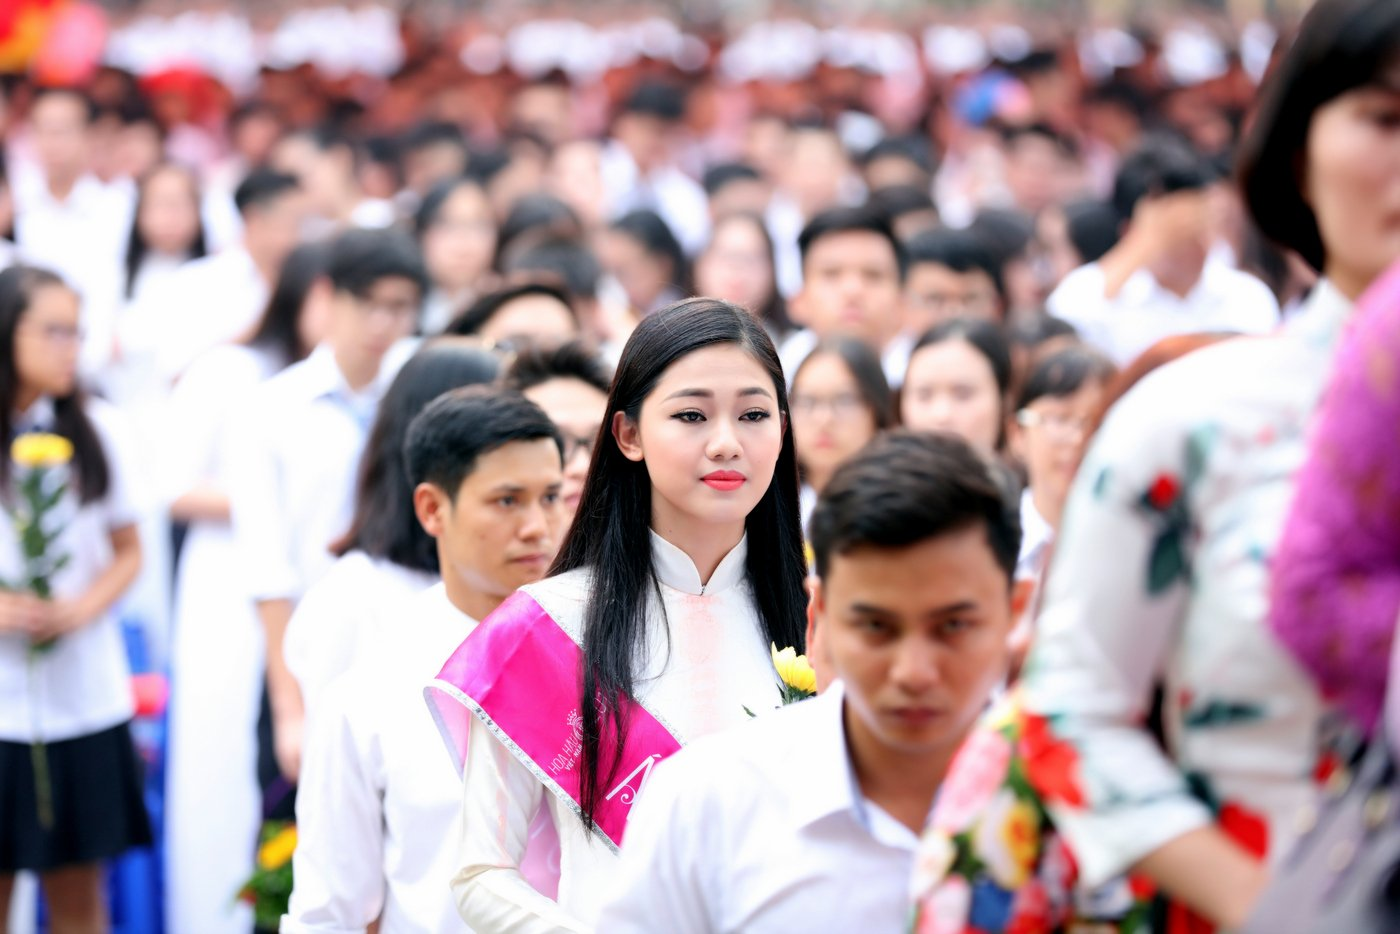 Á hậu 1 Ngô Thanh Thanh Tú về dự lễ khai giảng trường Chu Văn An 4